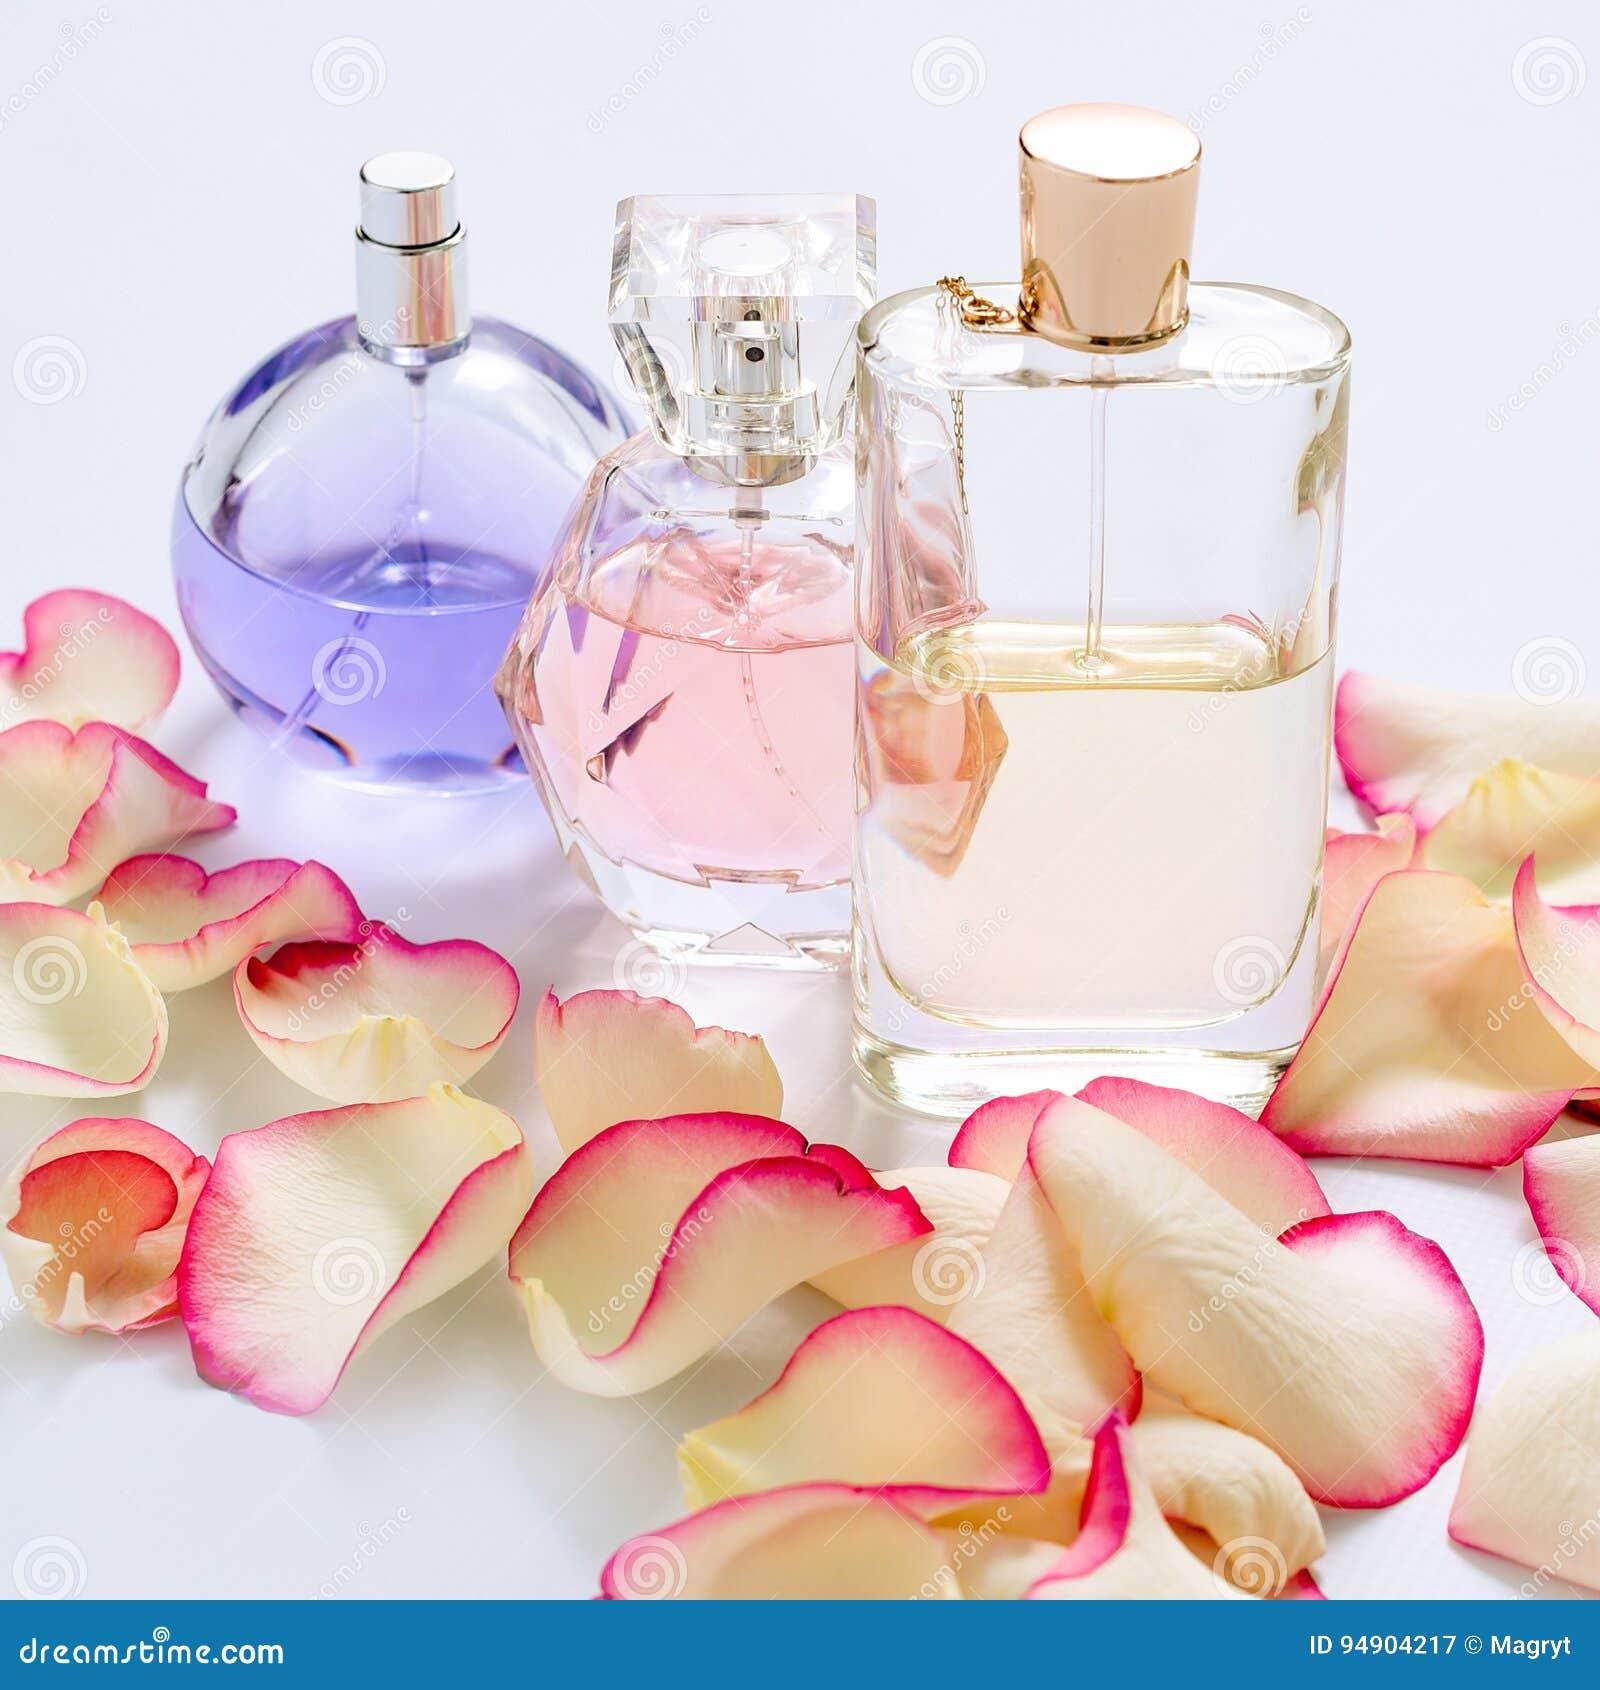 Μπουκάλια αρώματος με τα πέταλα λουλουδιών στο ελαφρύ υπόβαθρο Αρωματοποιία, συλλογή αρώματος Εξαρτήματα γυναικών